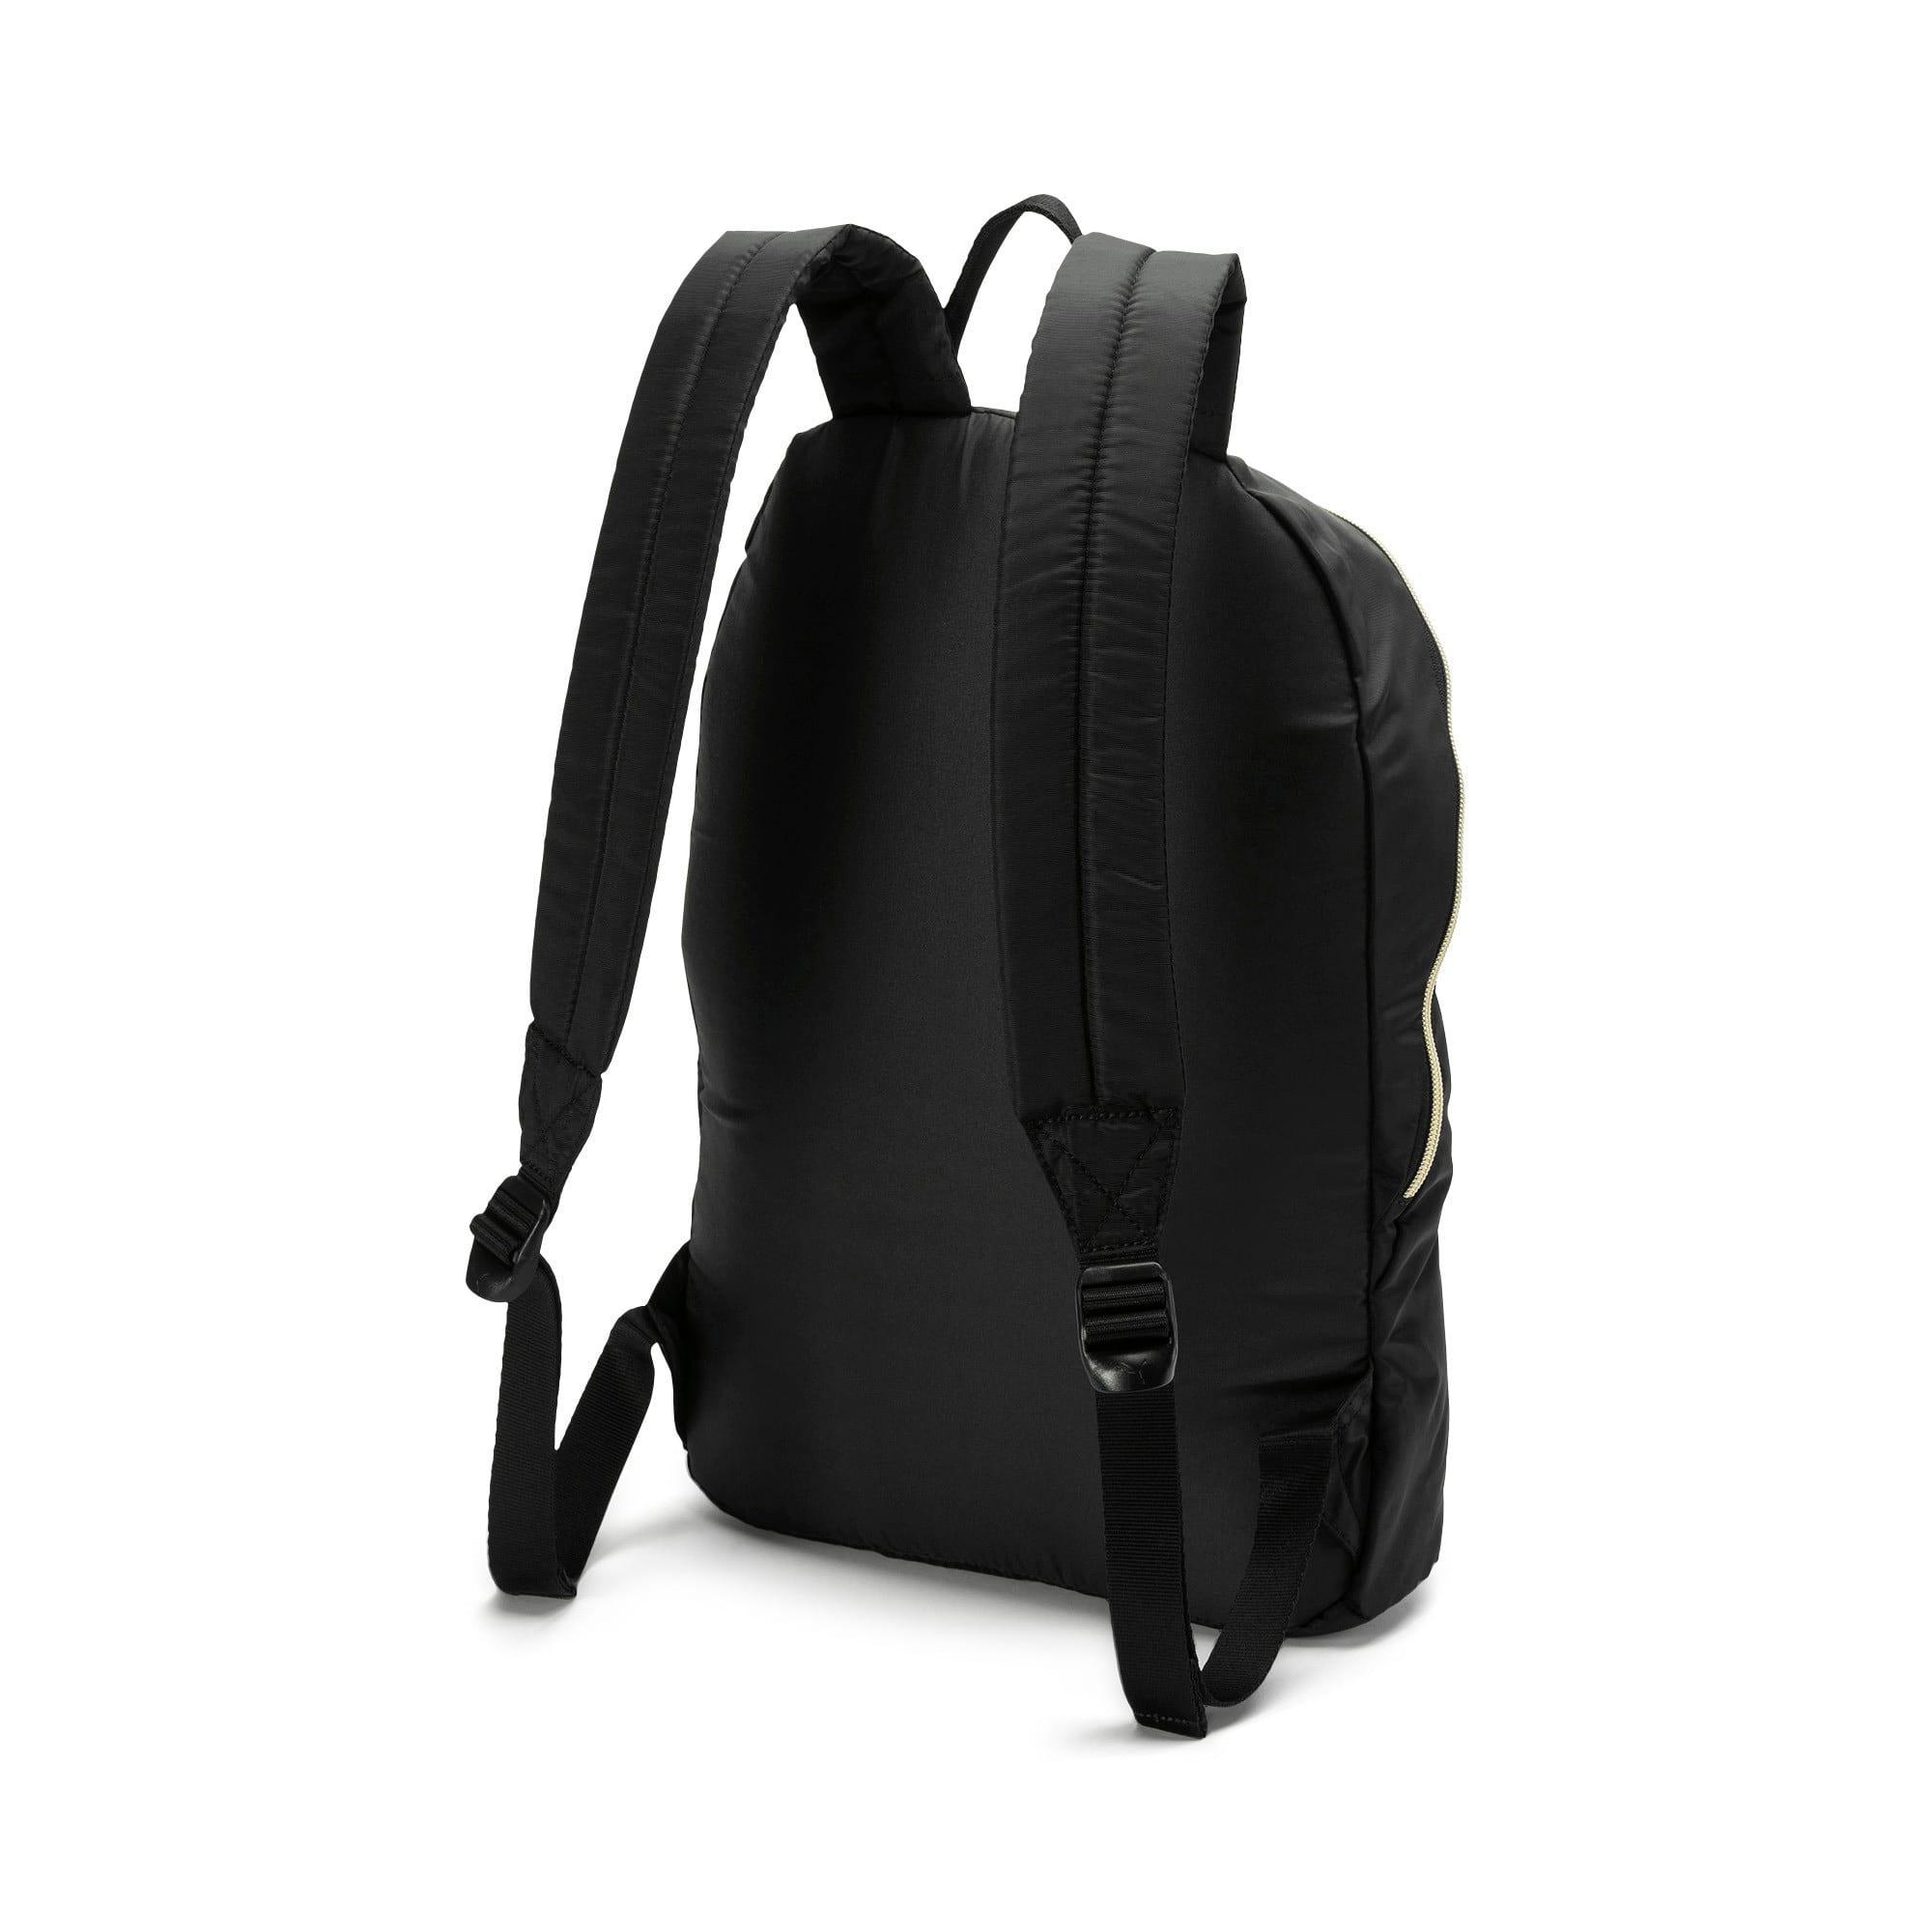 Thumbnail 3 of Core Seasonal Backpack, Puma Black-Gold, medium